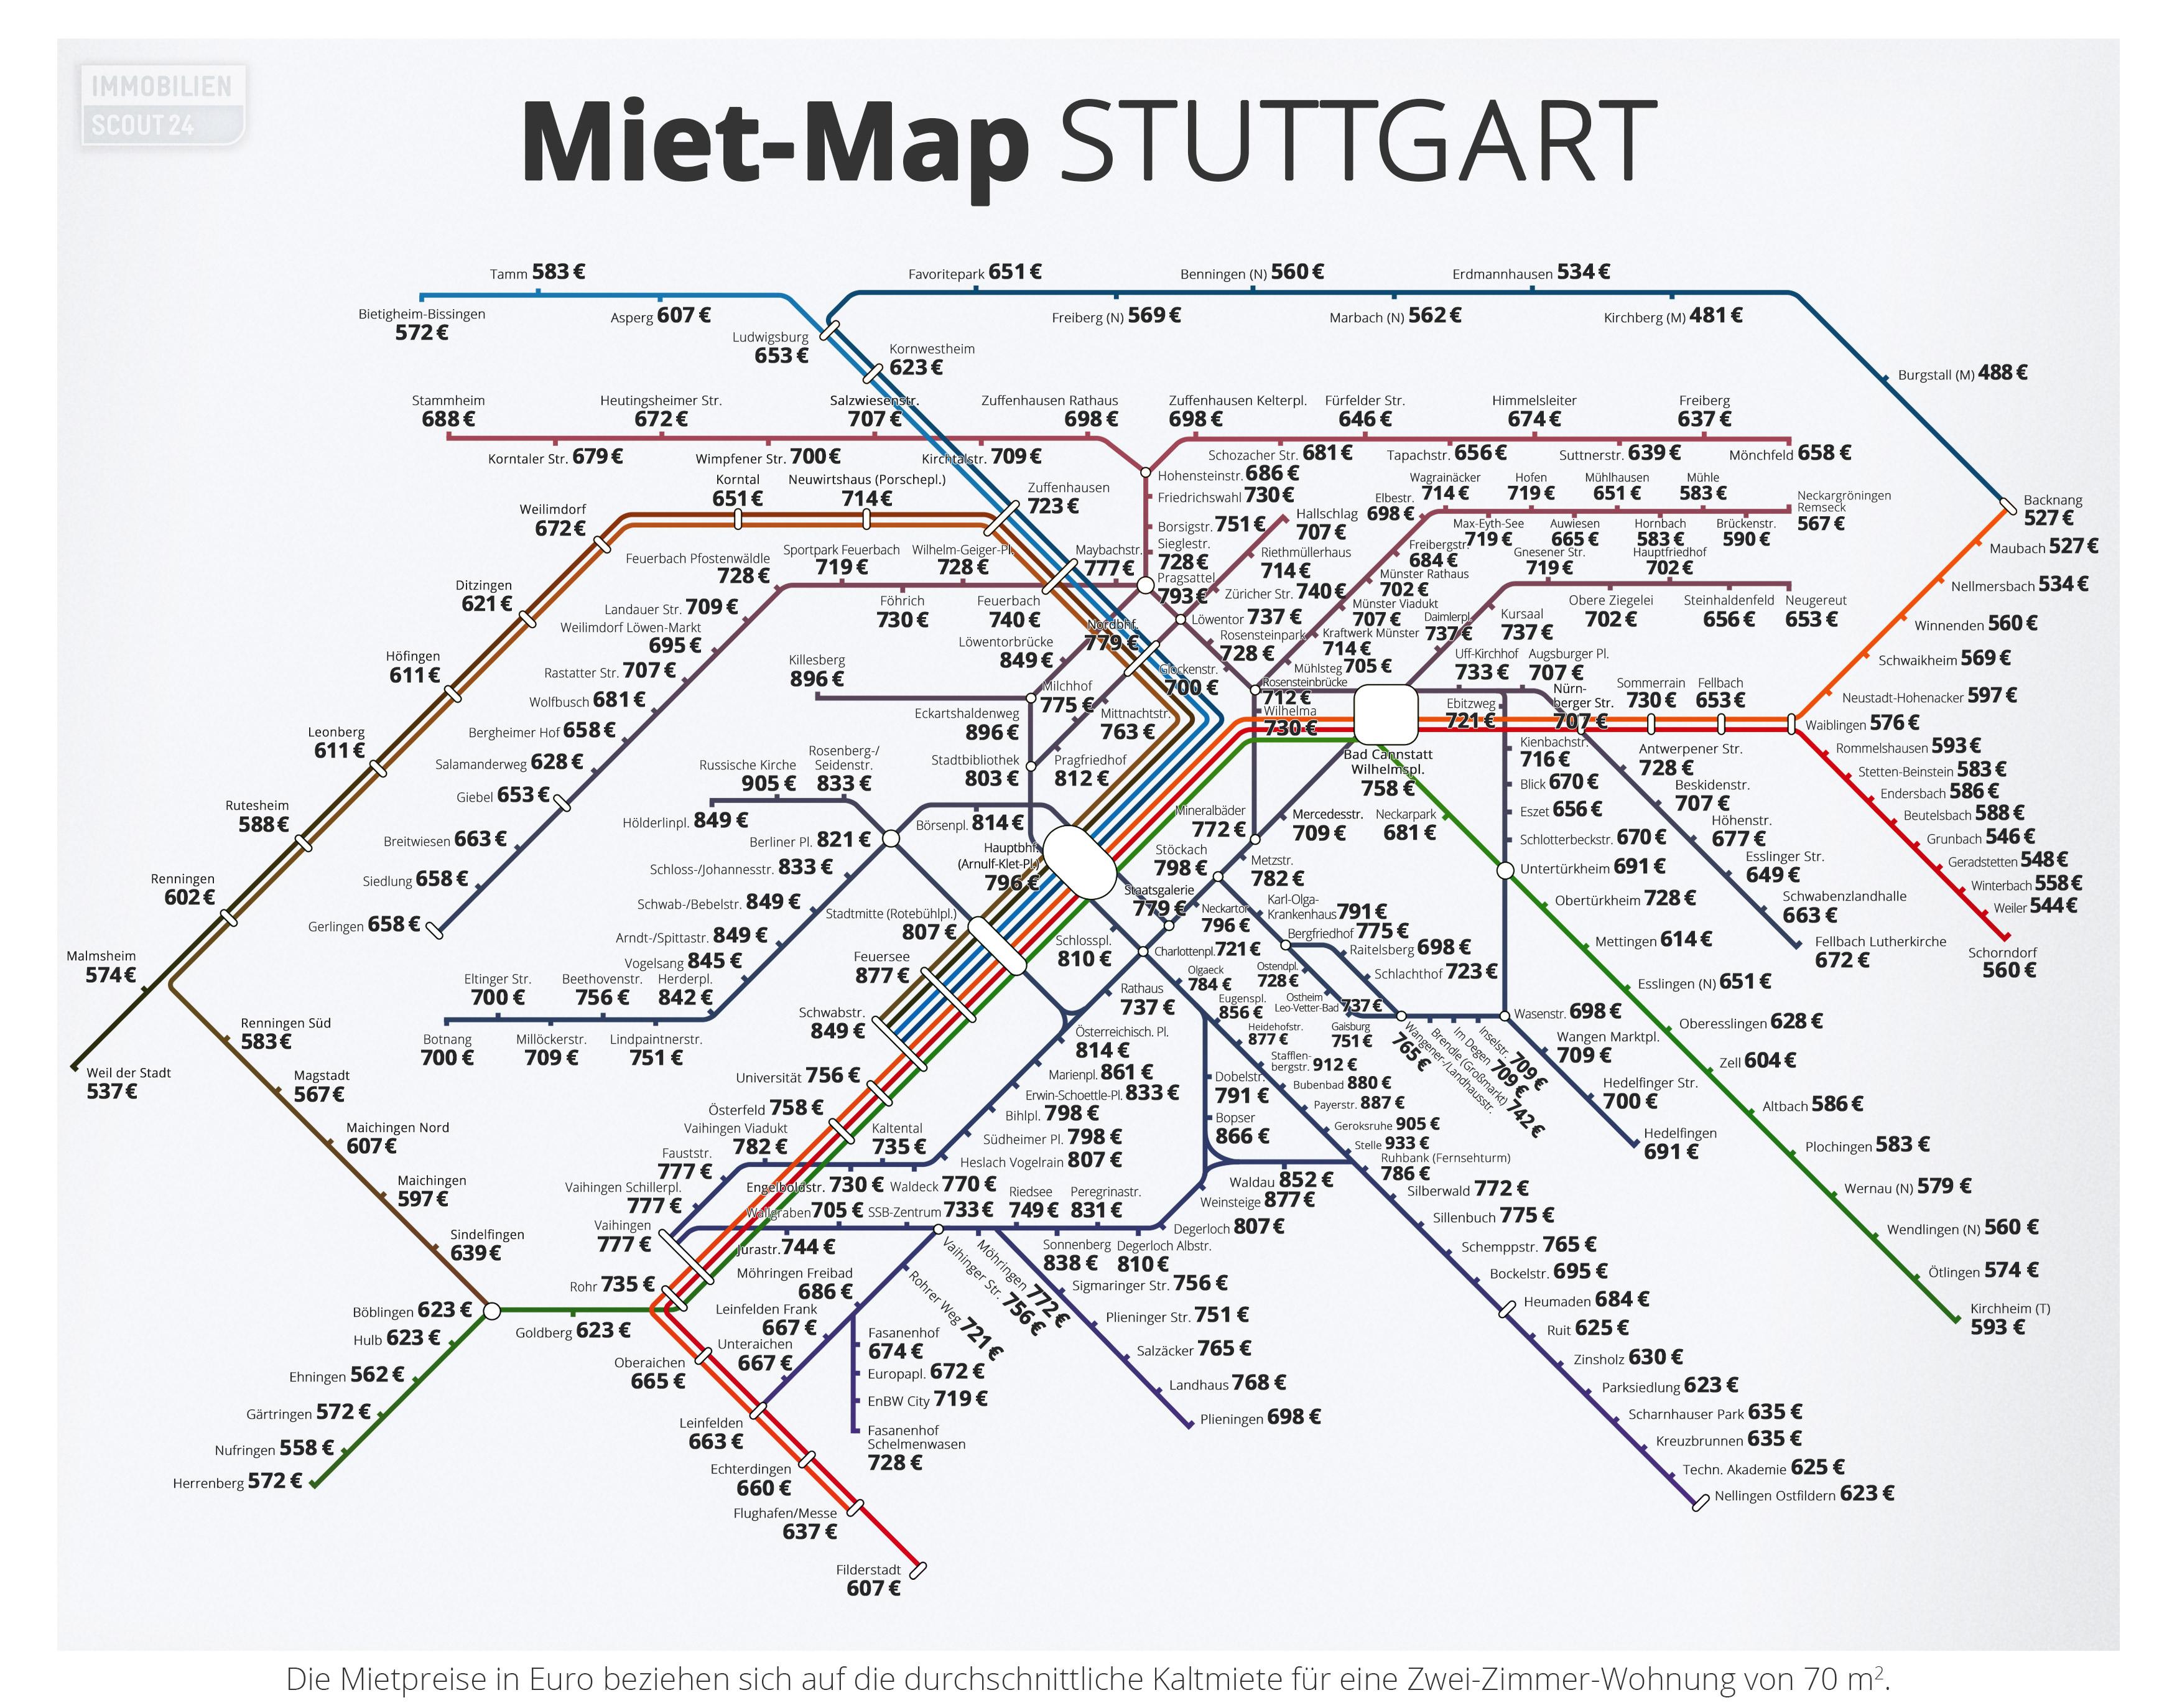 Miet-Map Stuttgart